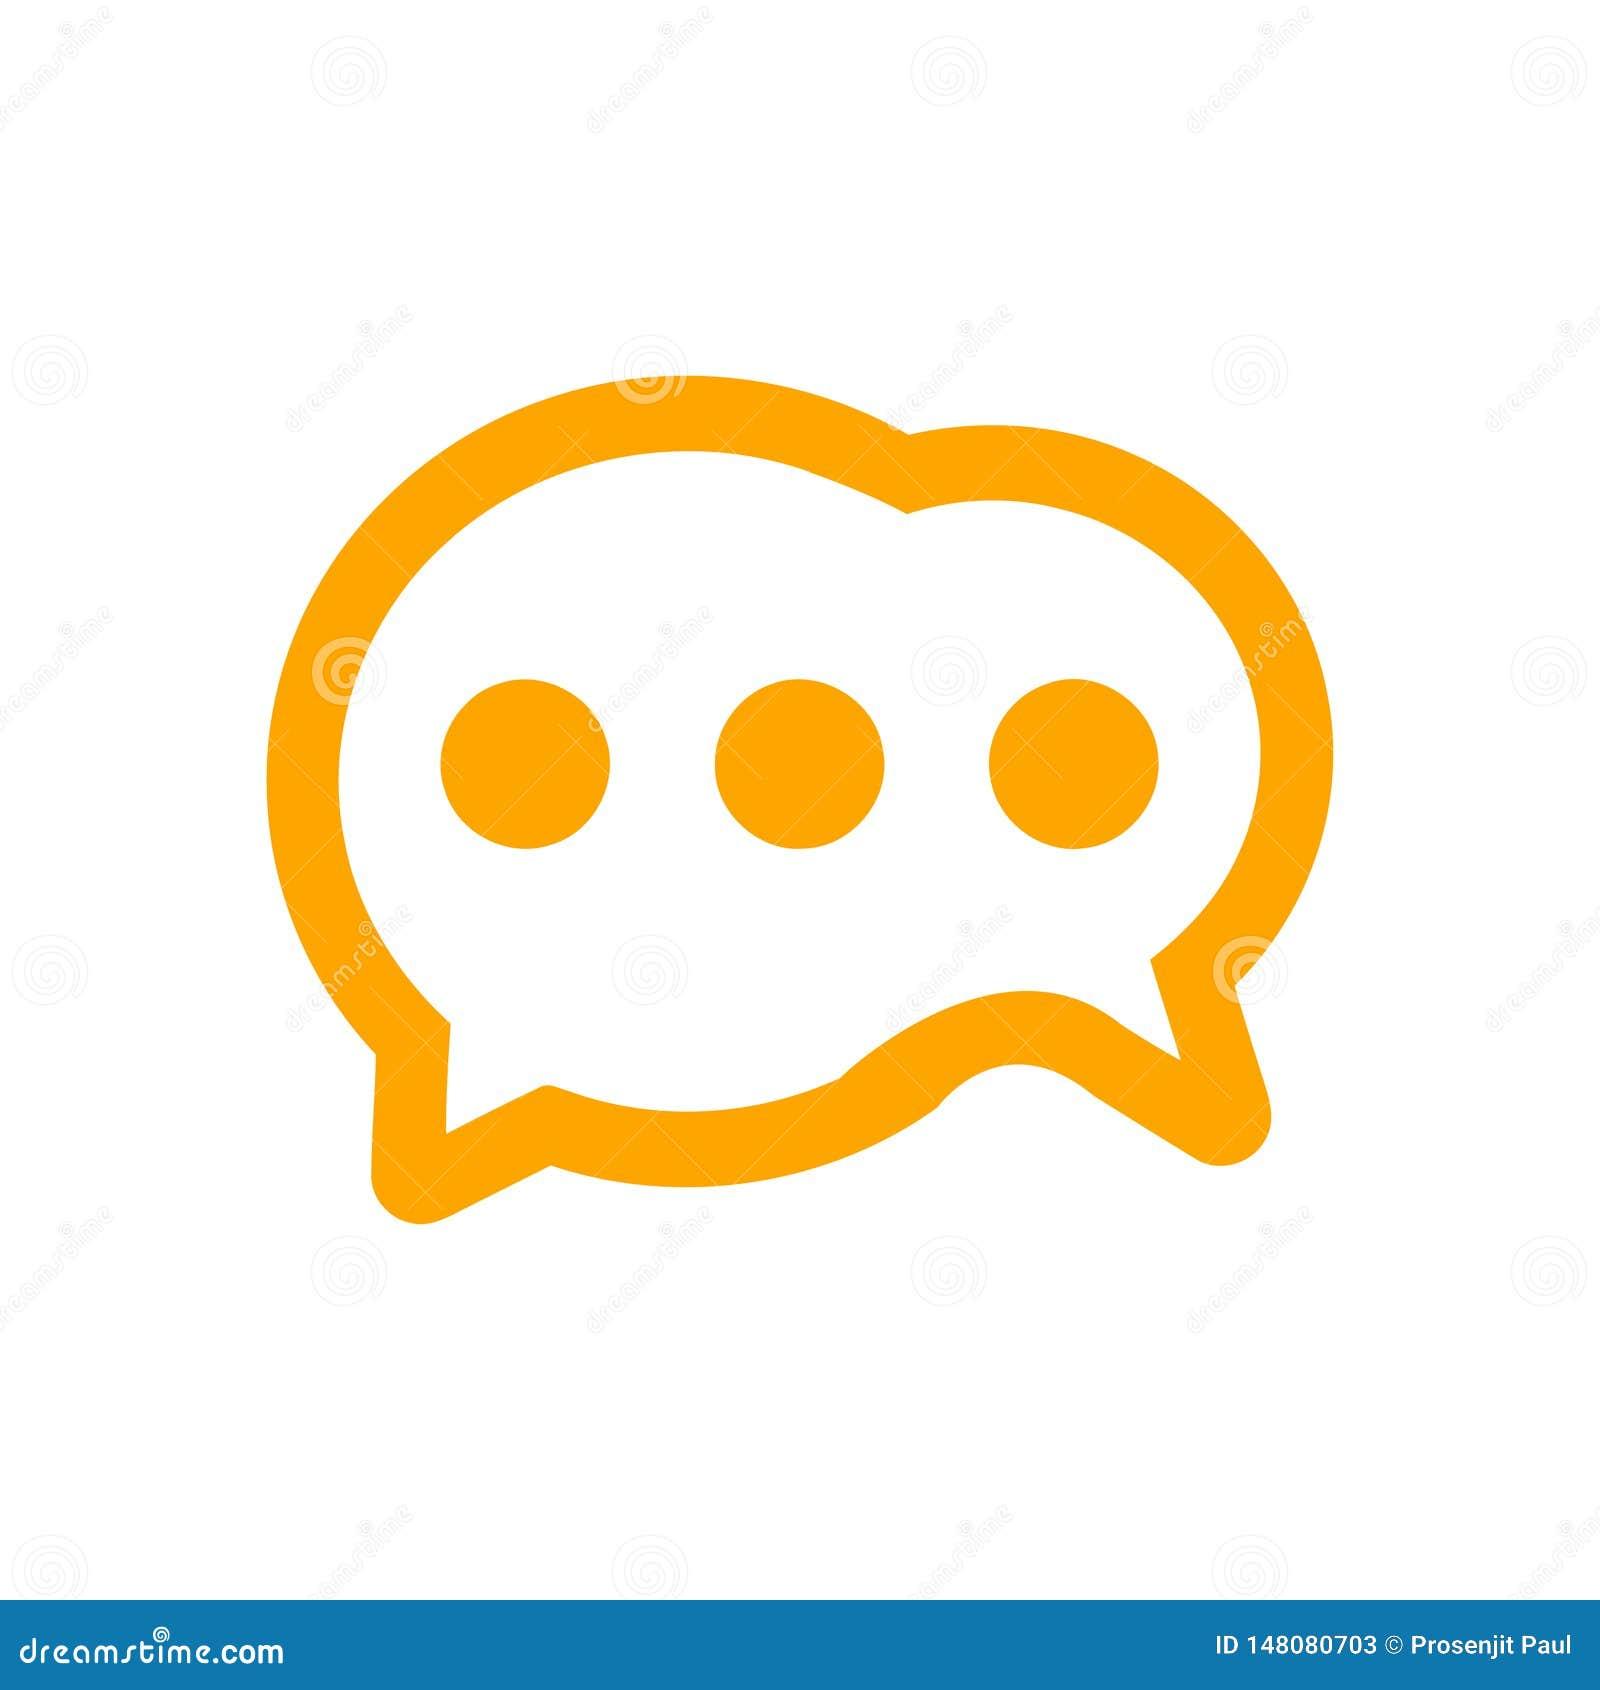 Значок болтовни, sms значок, болтовня, пузырь, значок комментариев, сообщение, значок беседы, звонок, sms группы, значок пузырей